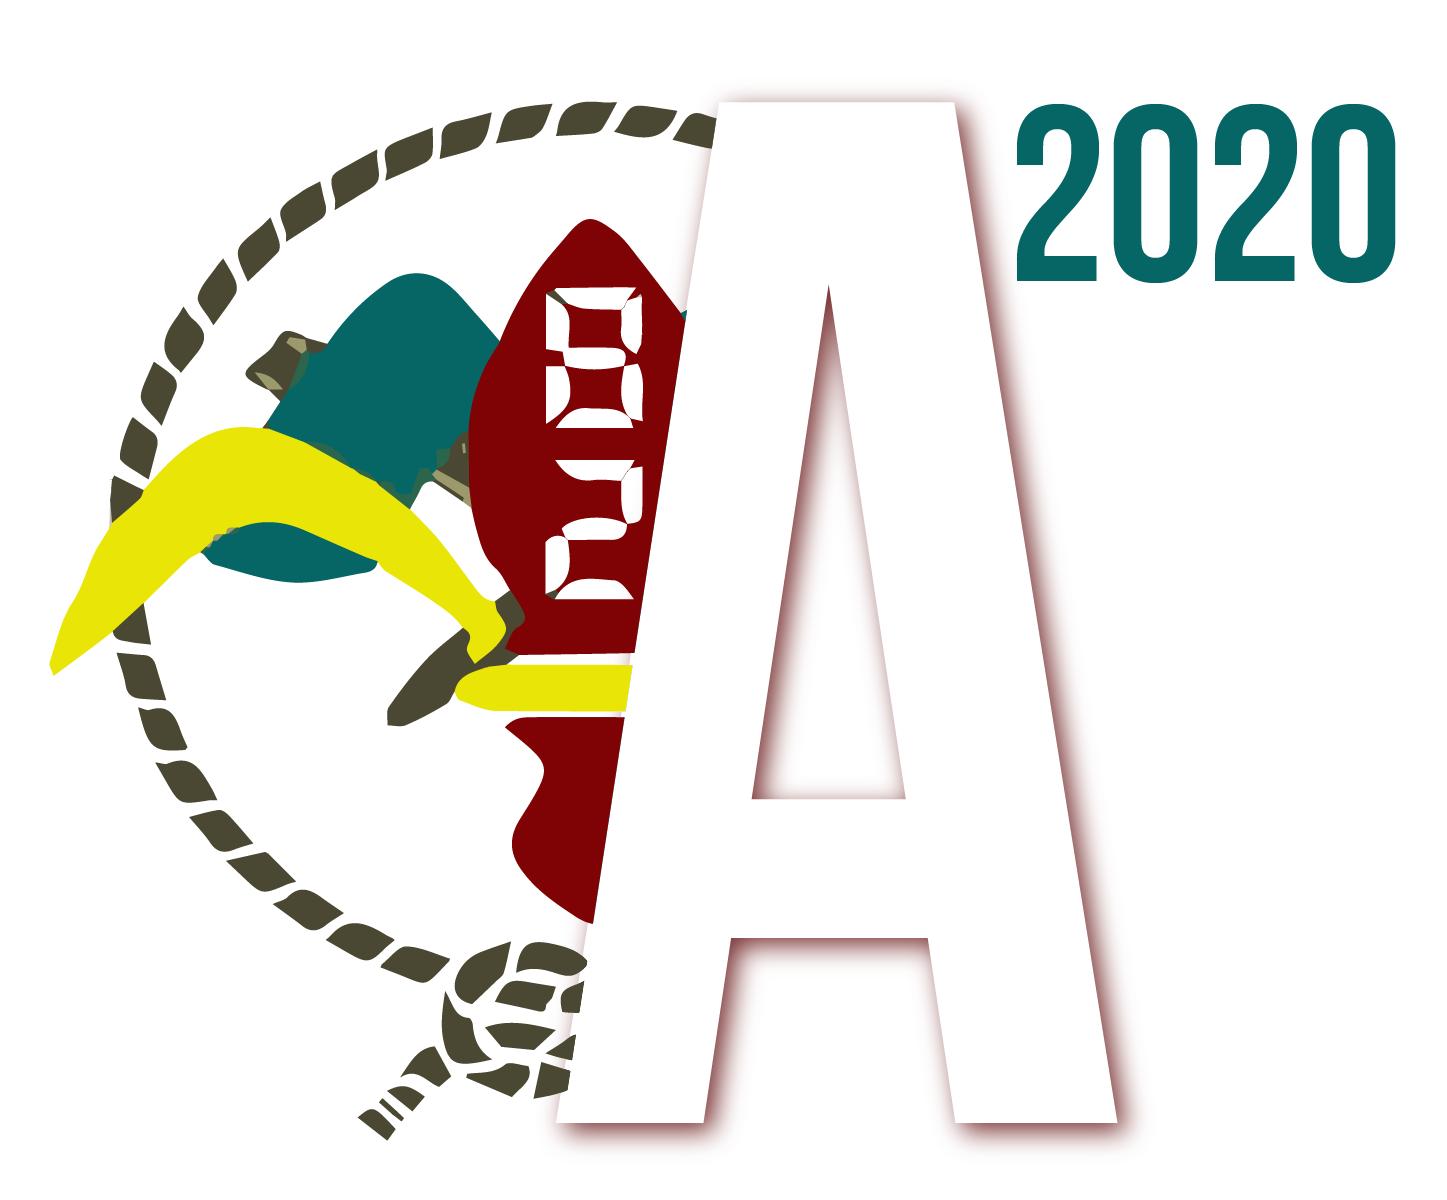 Azogue 2020 Nuevo Proyecto Grupal del MSC Azogue de la Comarca de Almadén